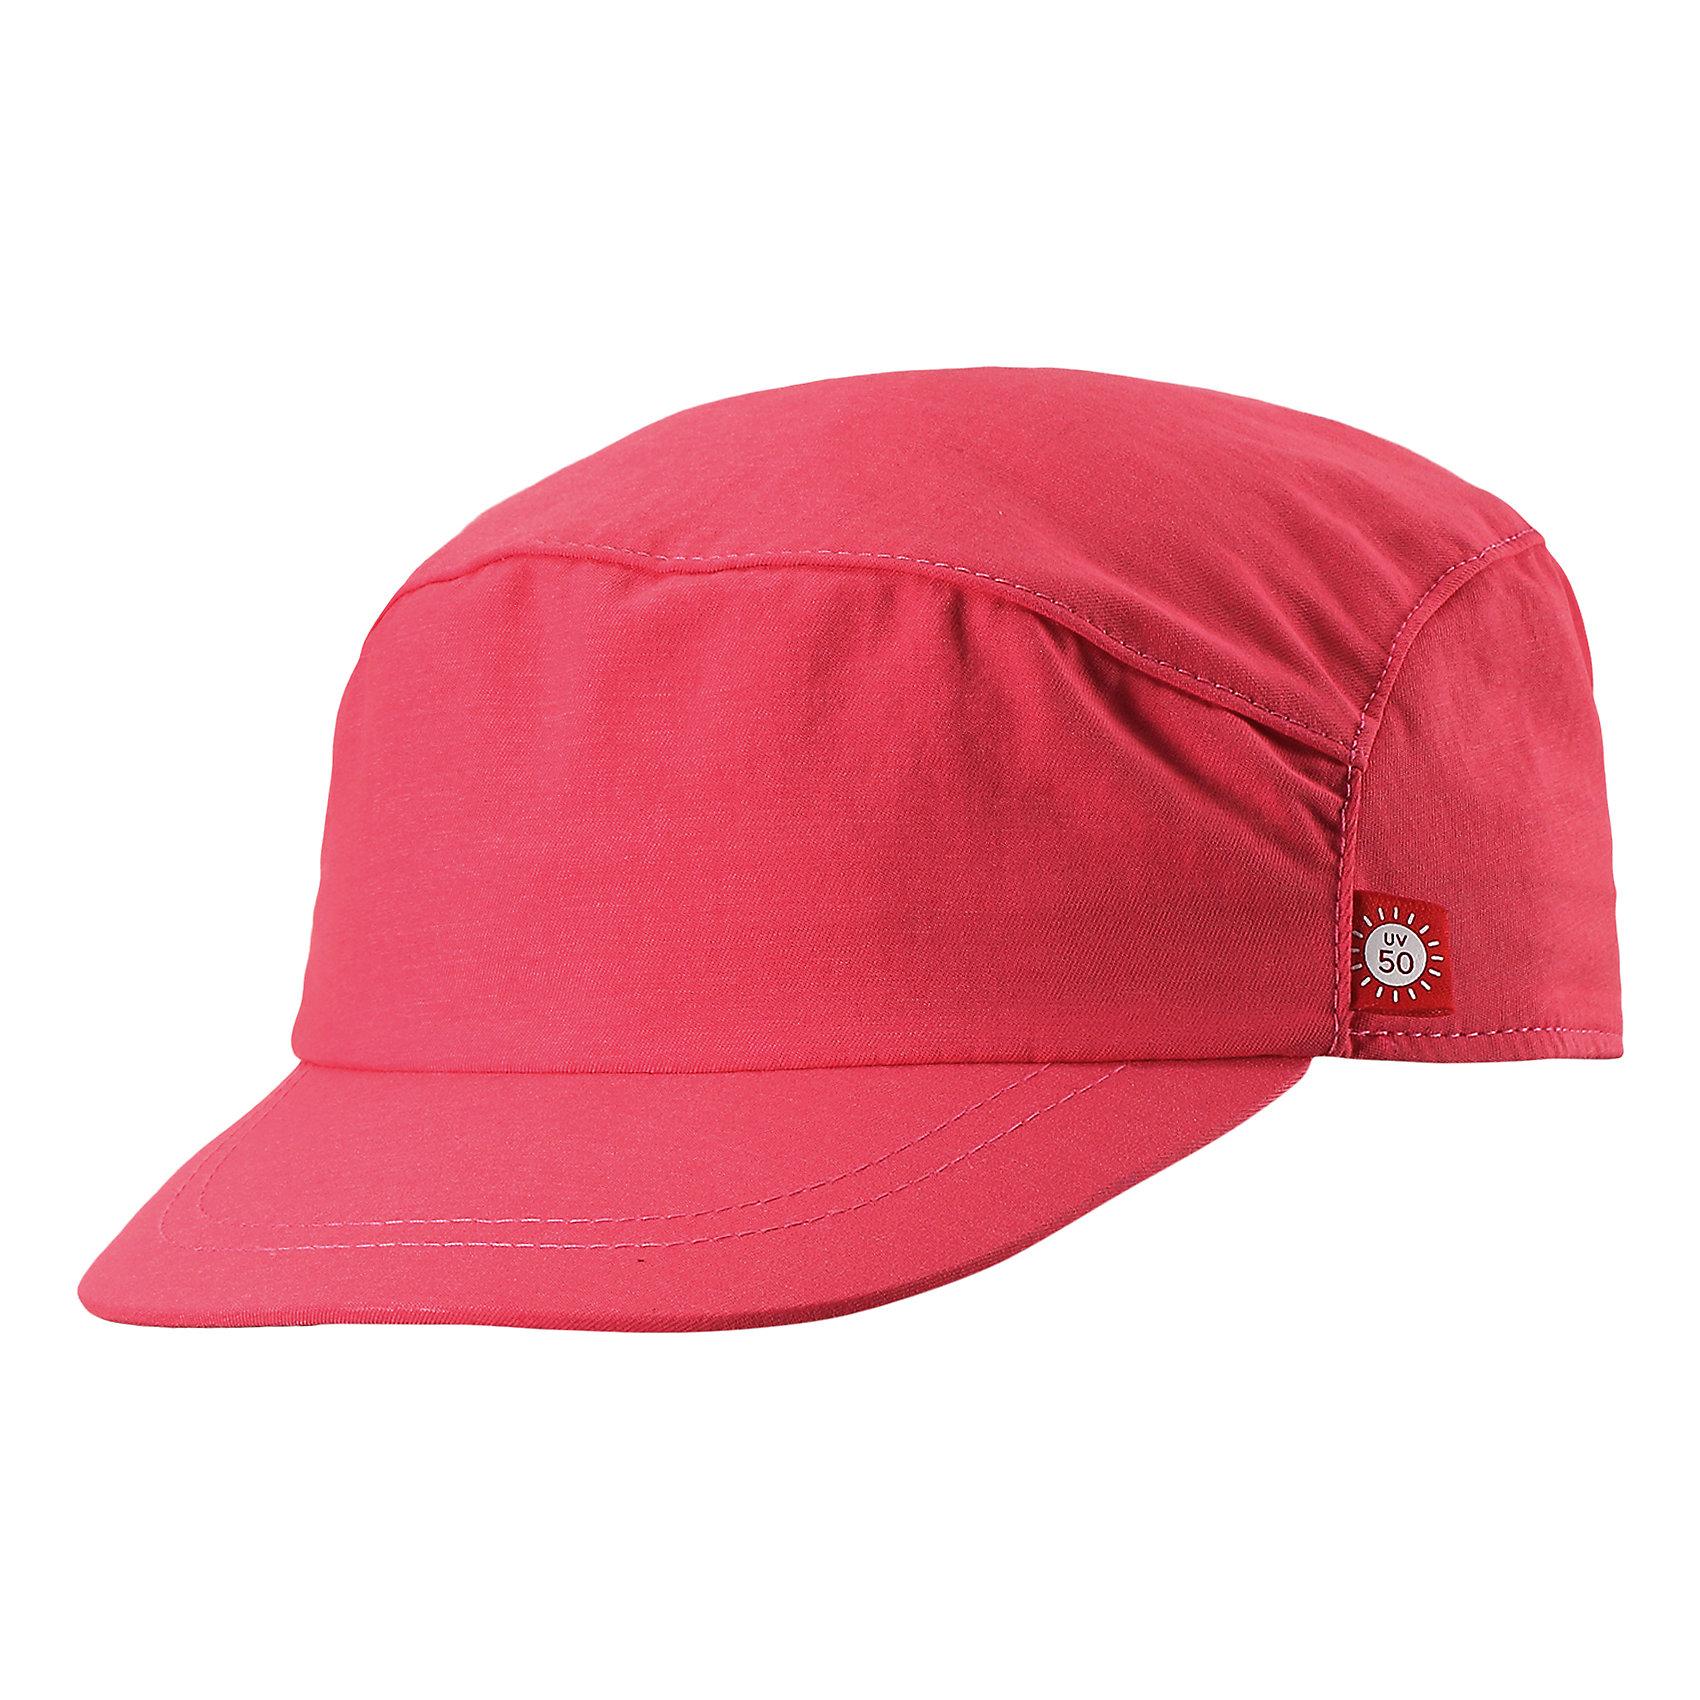 Кепка Virta для девчоки ReimaШапки и шарфы<br>Характеристики товара:<br><br>• цвет: розовый<br>• состав: 92% полиамид, 8% полиэстер<br>• фактор защиты от ультрафиолета: 50+<br>• дышащий материал с охлаждающим эффектом<br>• ширина обхвата регулируется эластичной резинкой сзади<br>• стильный защитный козырек<br>• облегченная модель без подкладки<br>• декоративный логотип<br>• комфортная посадка<br>• страна производства: Китай<br>• страна бренда: Финляндия<br>• коллекция: весна-лето 2017<br><br>Детский головной убор может быть модным и удобным одновременно! Стильная кепка поможет обеспечить ребенку комфорт и дополнить наряд. Она отлично смотрится с различной одеждой. Кепка удобно сидит и аккуратно выглядит. Проста в уходе, долго служит. Стильный дизайн разрабатывался специально для детей. Отличная защита от солнца!<br><br>Одежда и обувь от финского бренда Reima пользуется популярностью во многих странах. Эти изделия стильные, качественные и удобные. Для производства продукции используются только безопасные, проверенные материалы и фурнитура. Порадуйте ребенка модными и красивыми вещами от Reima! <br><br>Кепку для мальчика от финского бренда Reima (Рейма) можно купить в нашем интернет-магазине.<br><br>Ширина мм: 89<br>Глубина мм: 117<br>Высота мм: 44<br>Вес г: 155<br>Цвет: розовый<br>Возраст от месяцев: 84<br>Возраст до месяцев: 144<br>Пол: Женский<br>Возраст: Детский<br>Размер: 56,48,50,52,54<br>SKU: 5267730